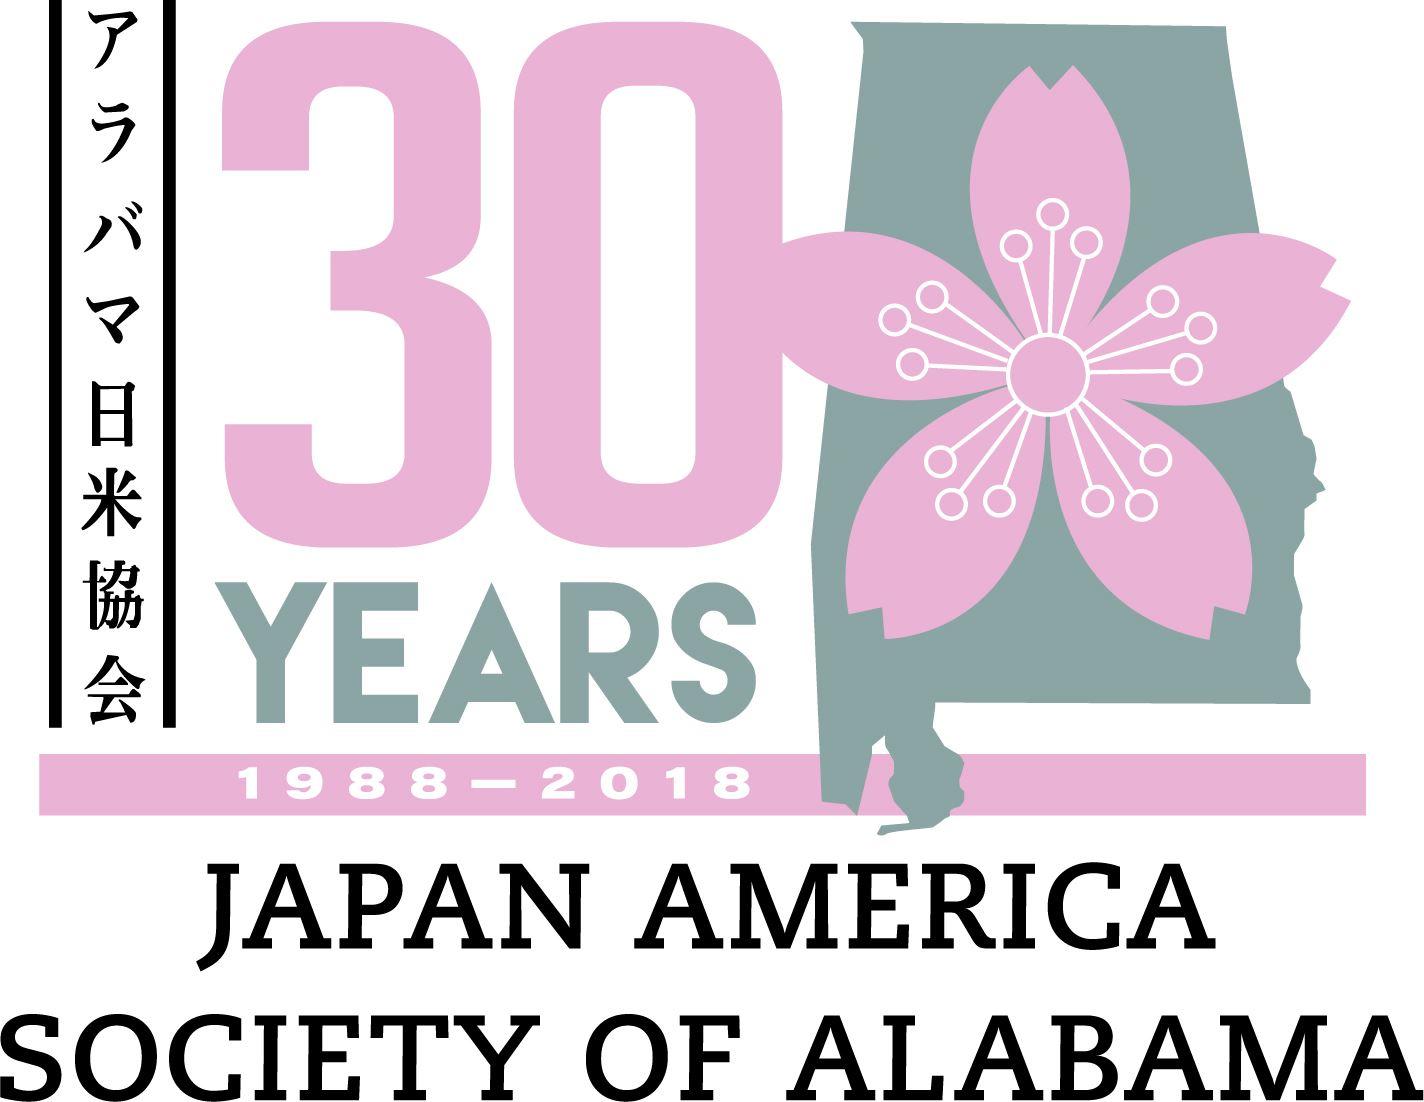 japanalabama logo